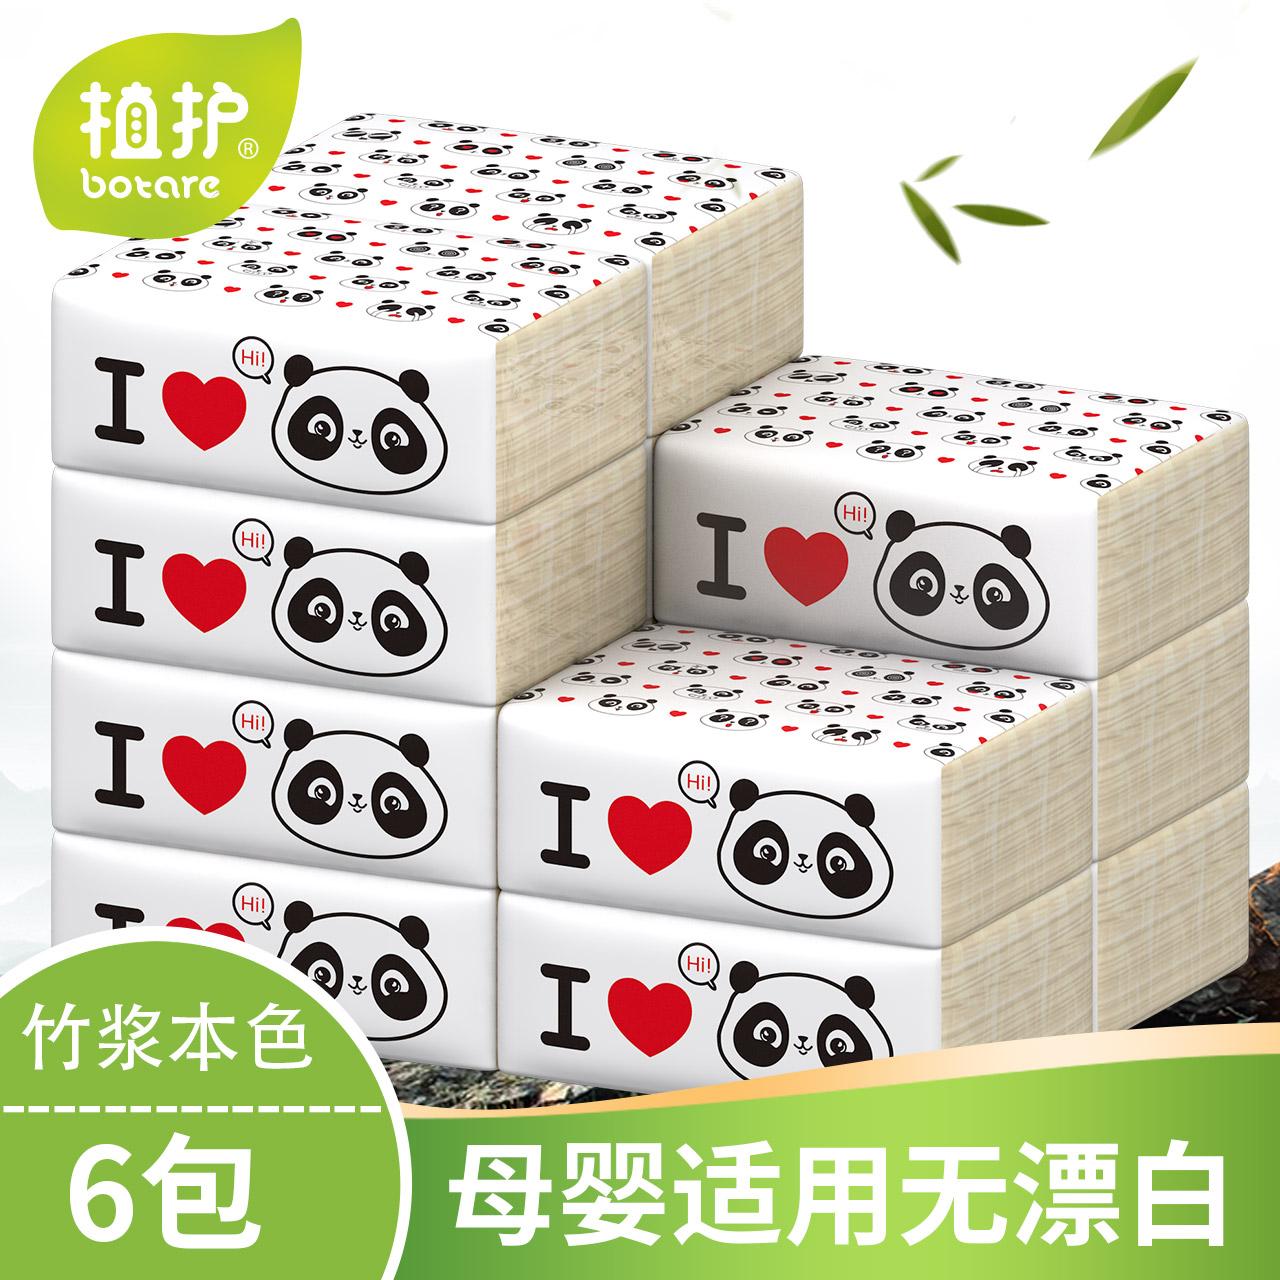 植护竹浆本色抽纸6包抽取式纸巾卫生纸家用餐巾纸实惠